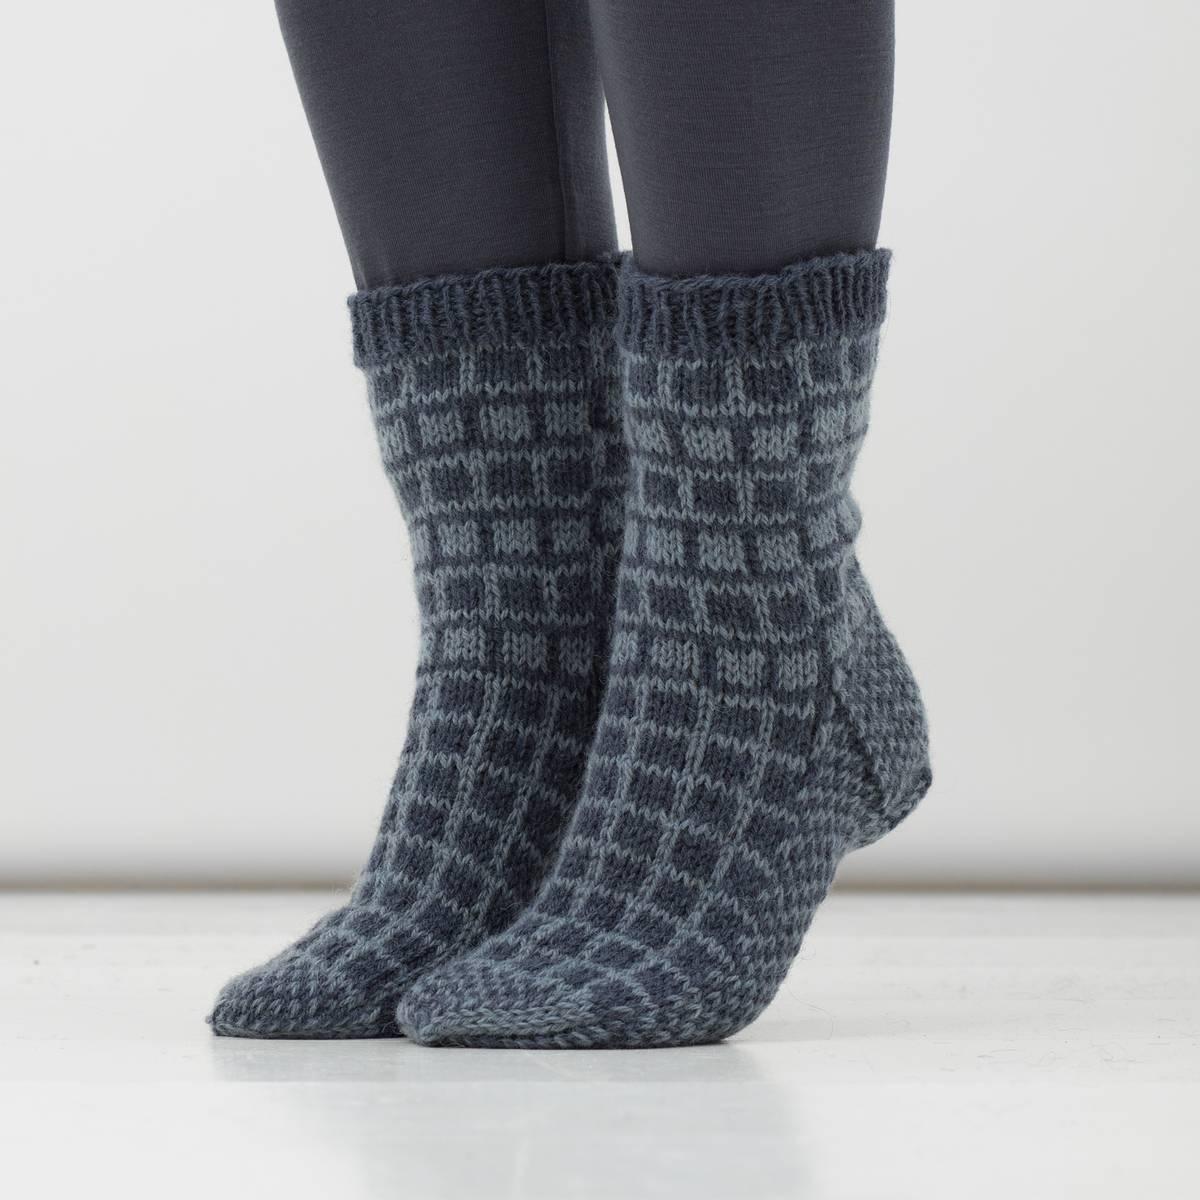 Gla' sokker (Fjell) – oppskrift